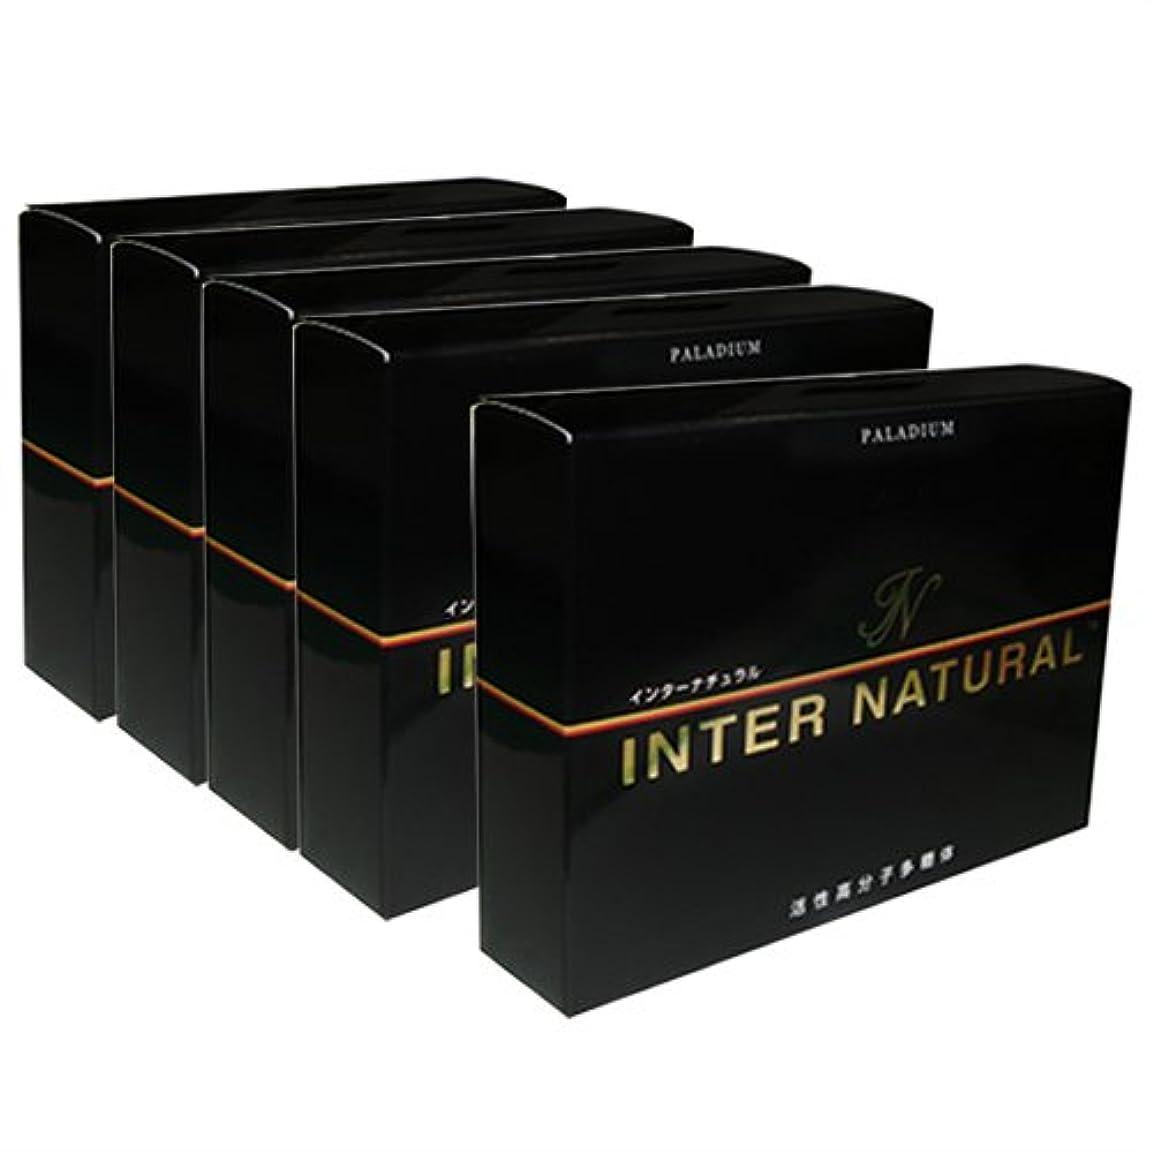 攻撃負荷壁紙インターナチュラル (INTER NATURAL) 30包 ×5個 セット